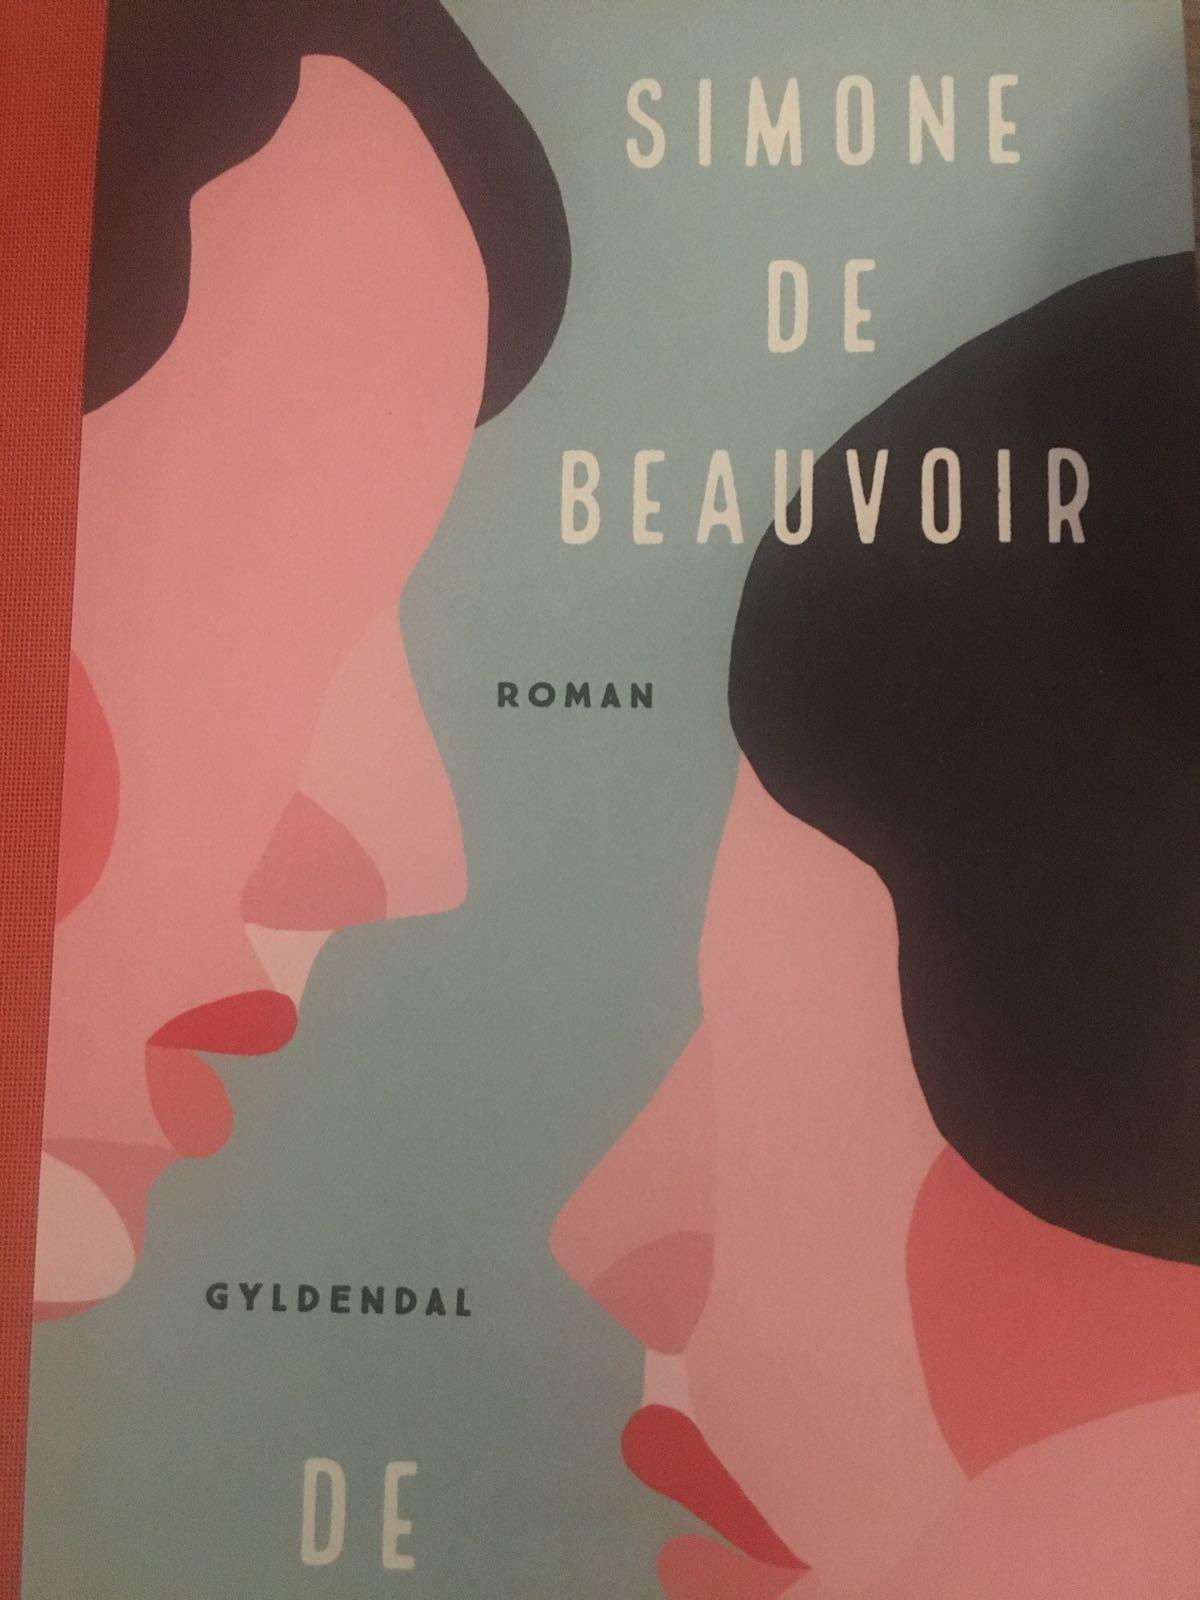 De uadskillelige af Simone de Beauvoir